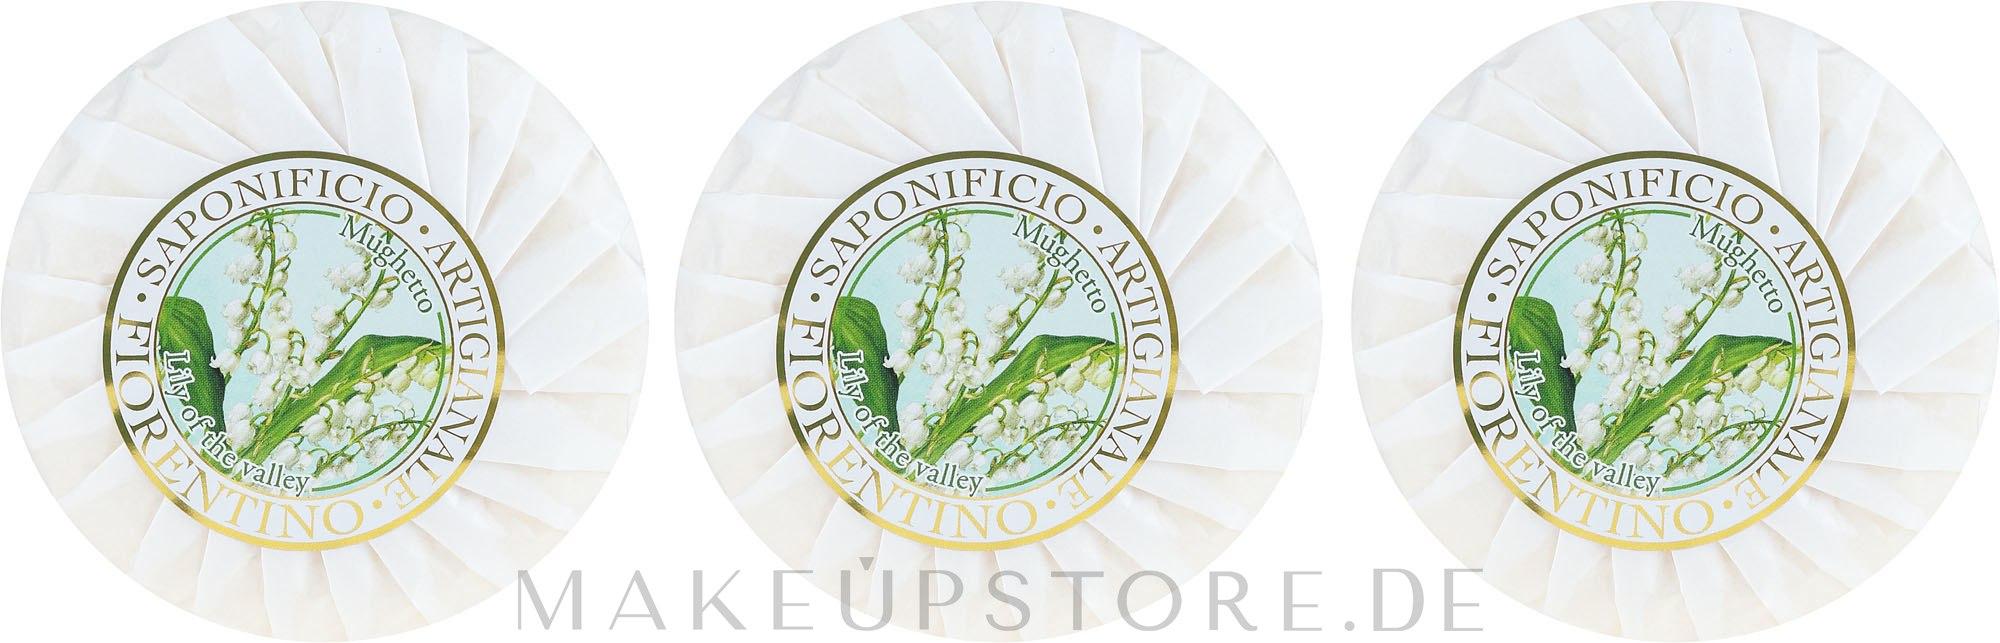 Seifenset Maiglöckchen - Saponificio Artigianale Fiorentino Lily Of The Valley Soap — Bild 3 x 100 g